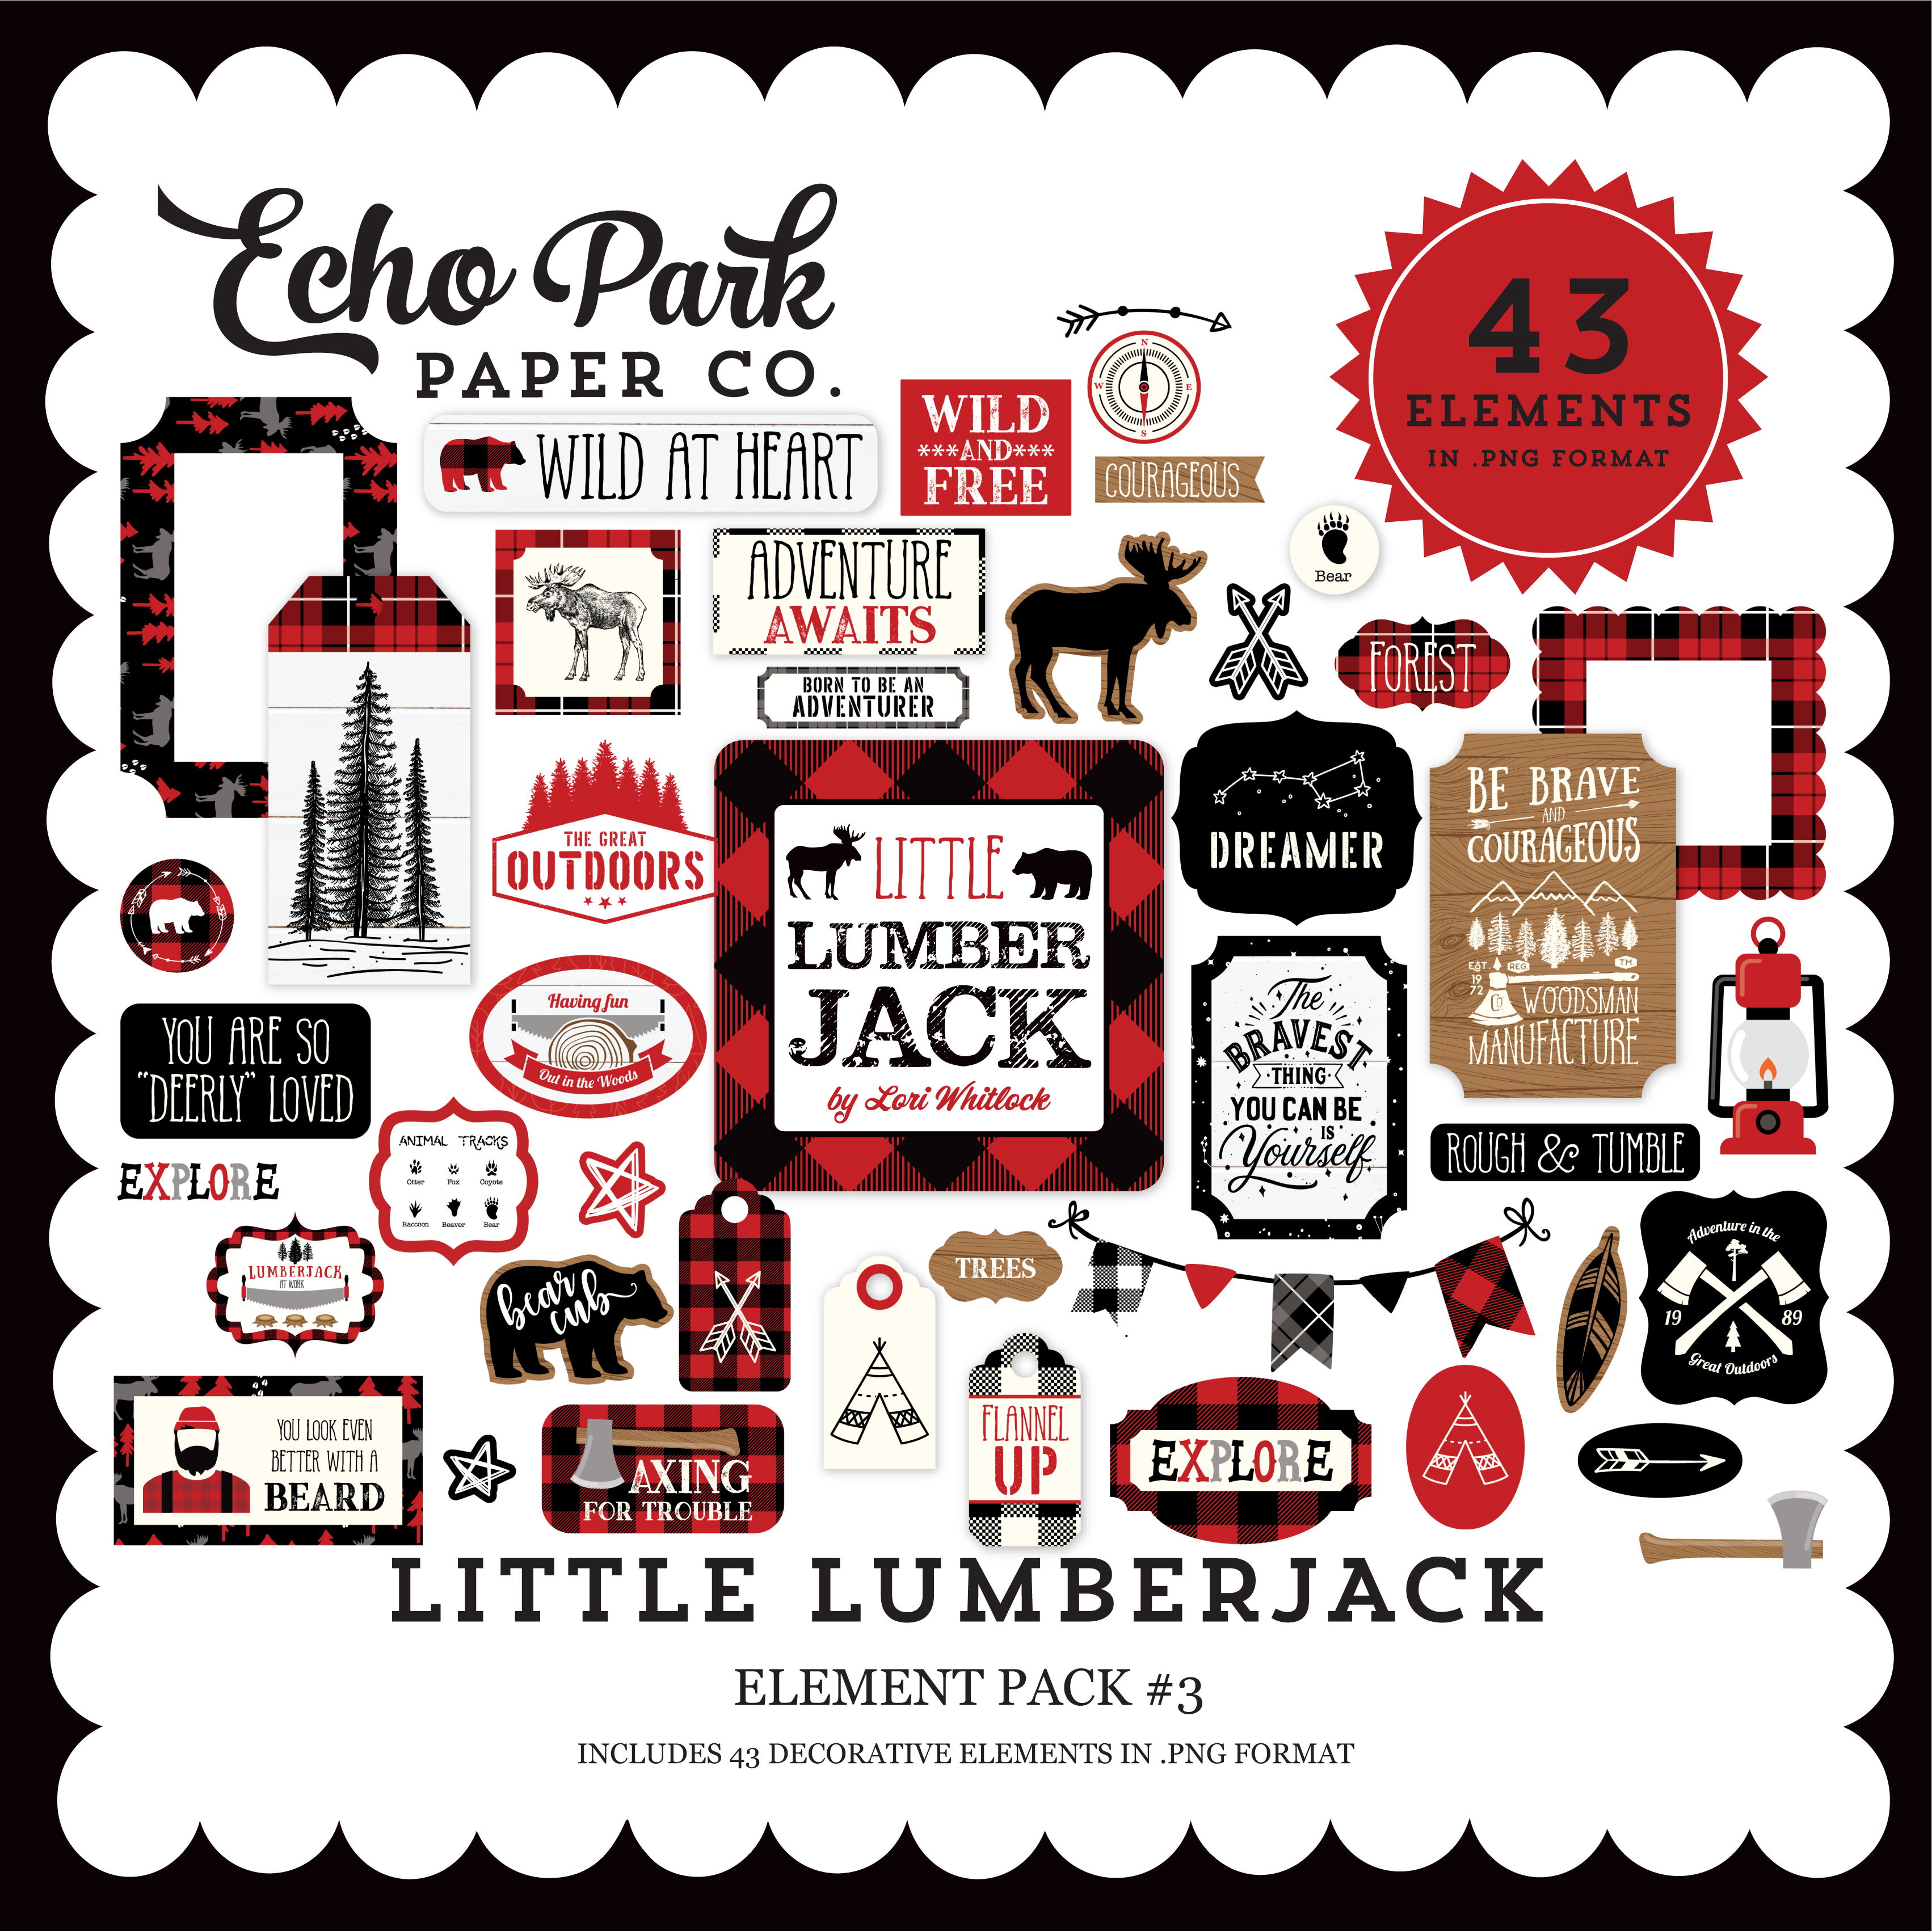 Little Lumberjack Element Pack #3